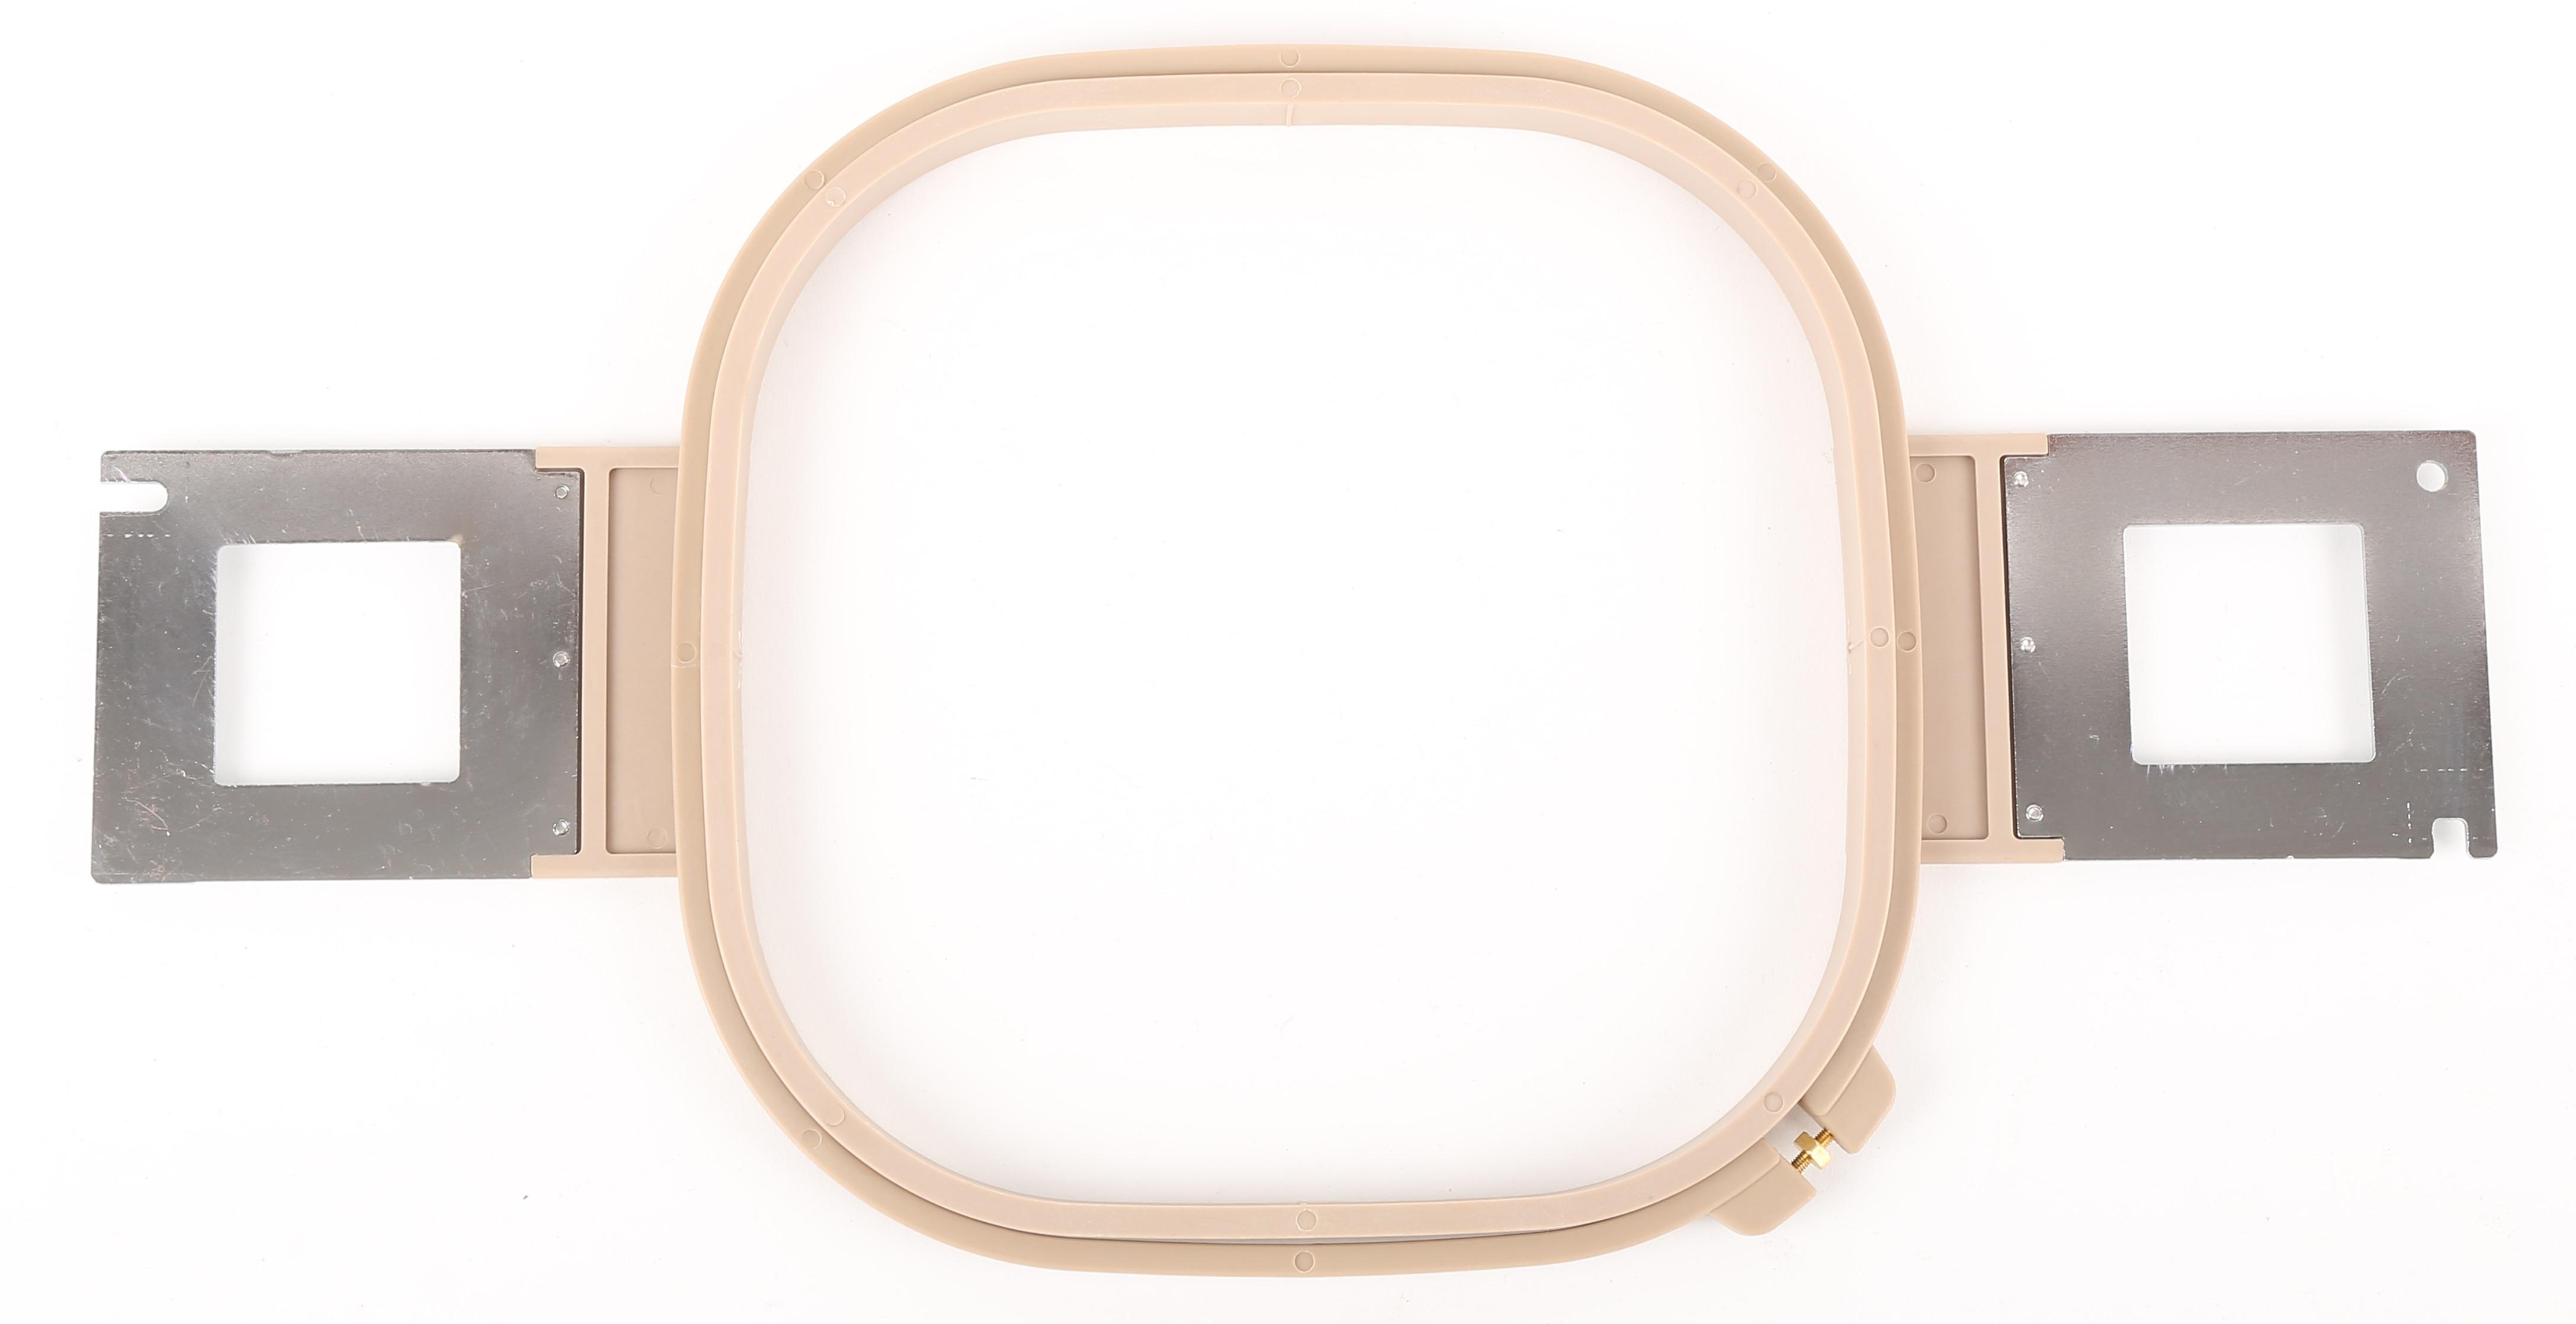 Рама, Вышитое плотное корейское Sunstar SWF импортированное устройство, подходит для квадратной вышивки, растягивается 24*24 см